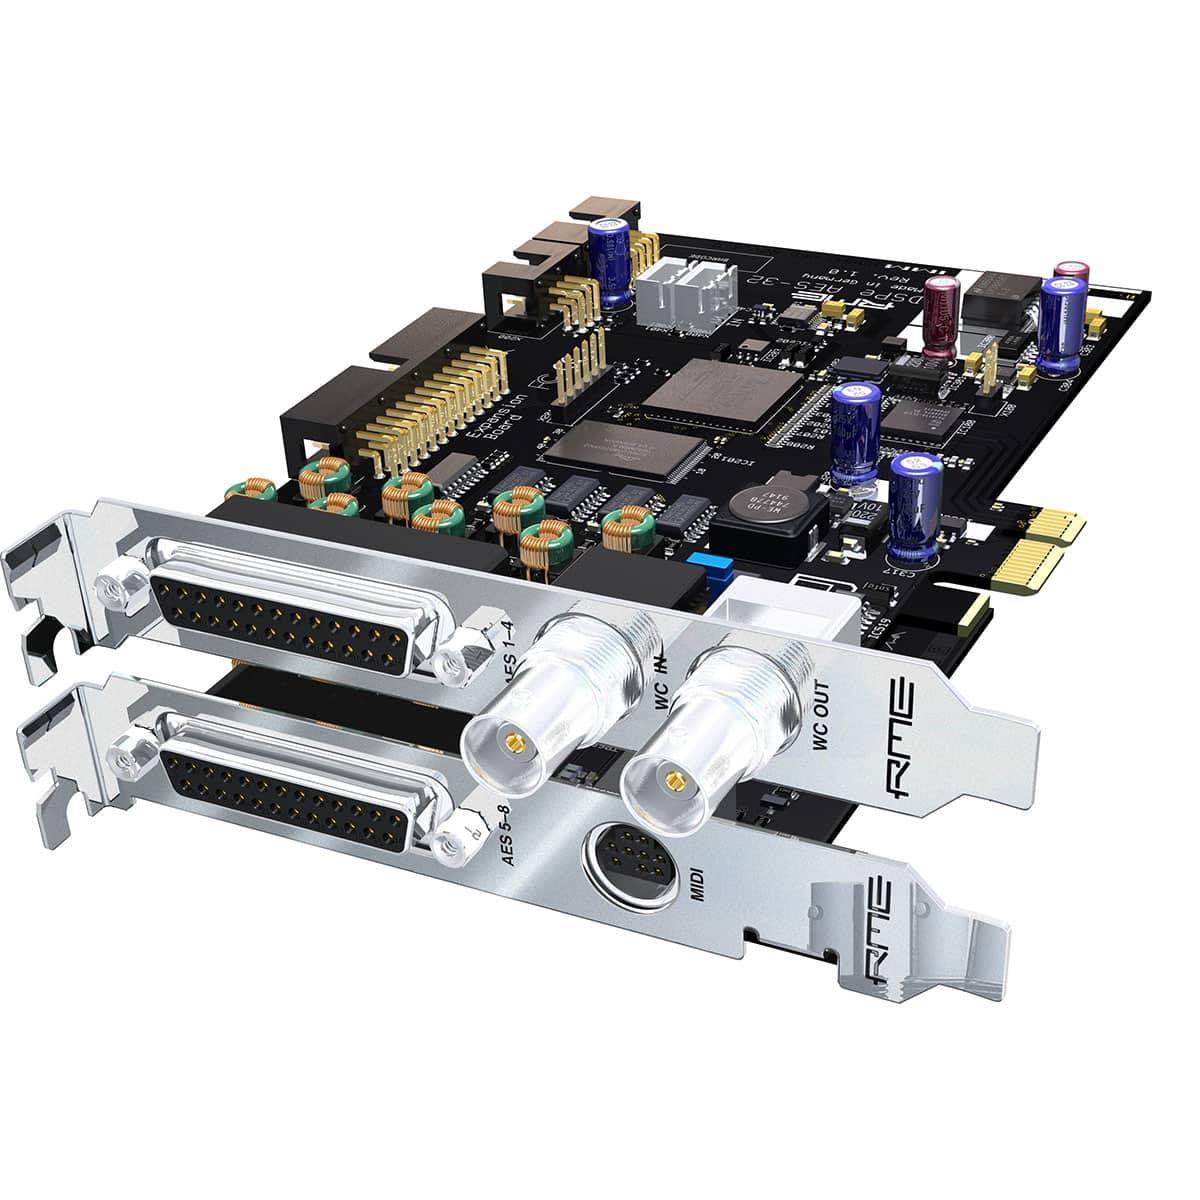 RME HDSPE AES 01 Convertitori Audio, Pro Audio, Audio Digitale Convertitori e Schede Audio, Schede Audio per PC e MAC